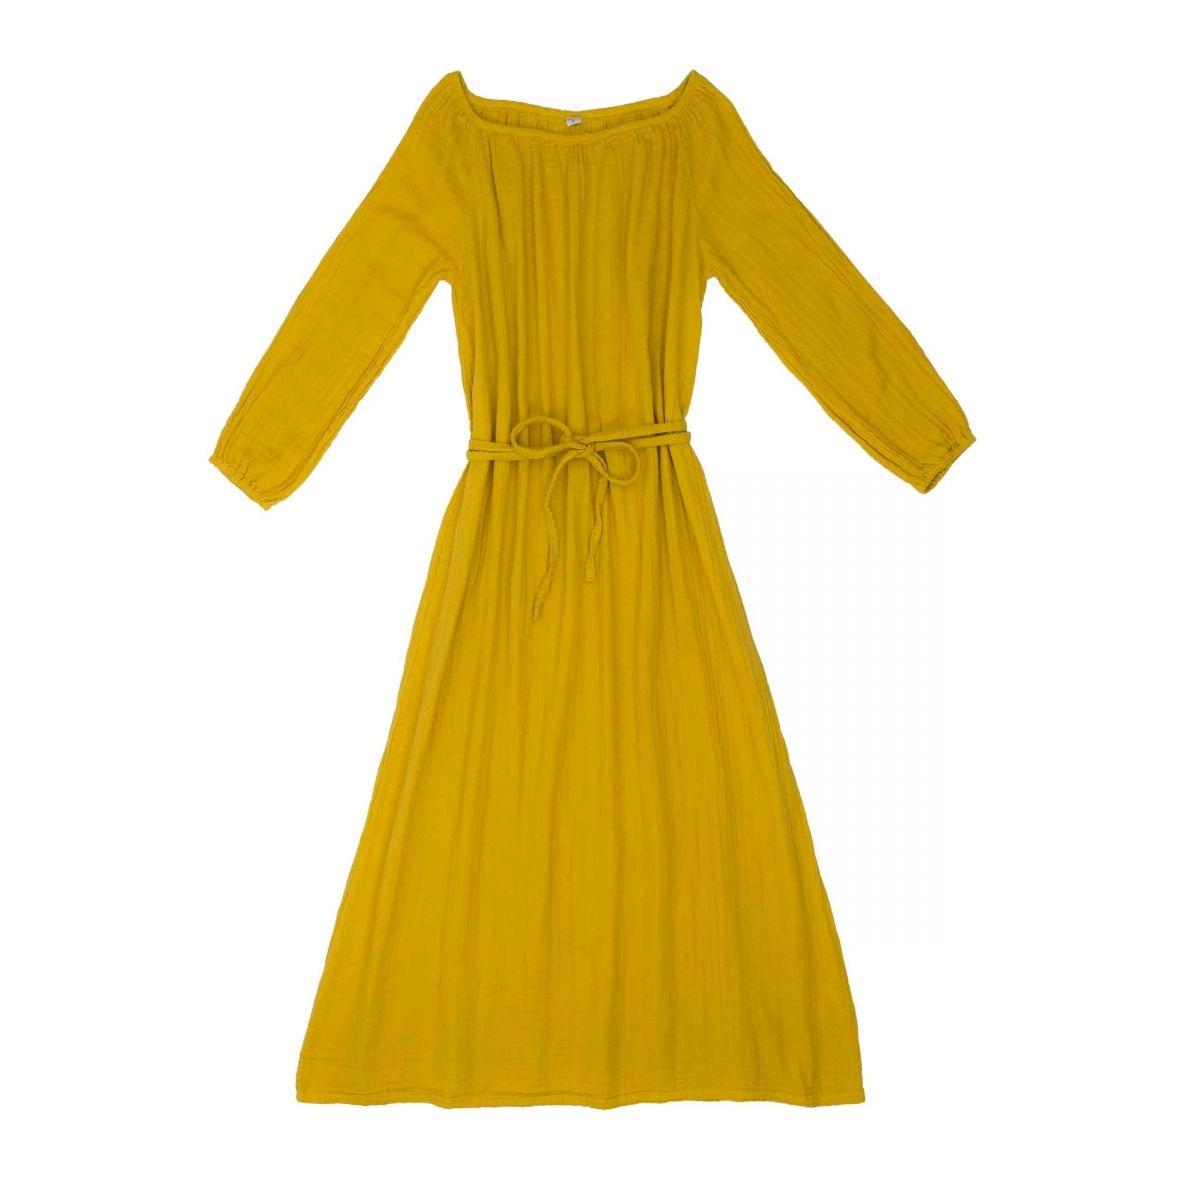 Dress for mum Nina long sunflower yellow - Numero 74